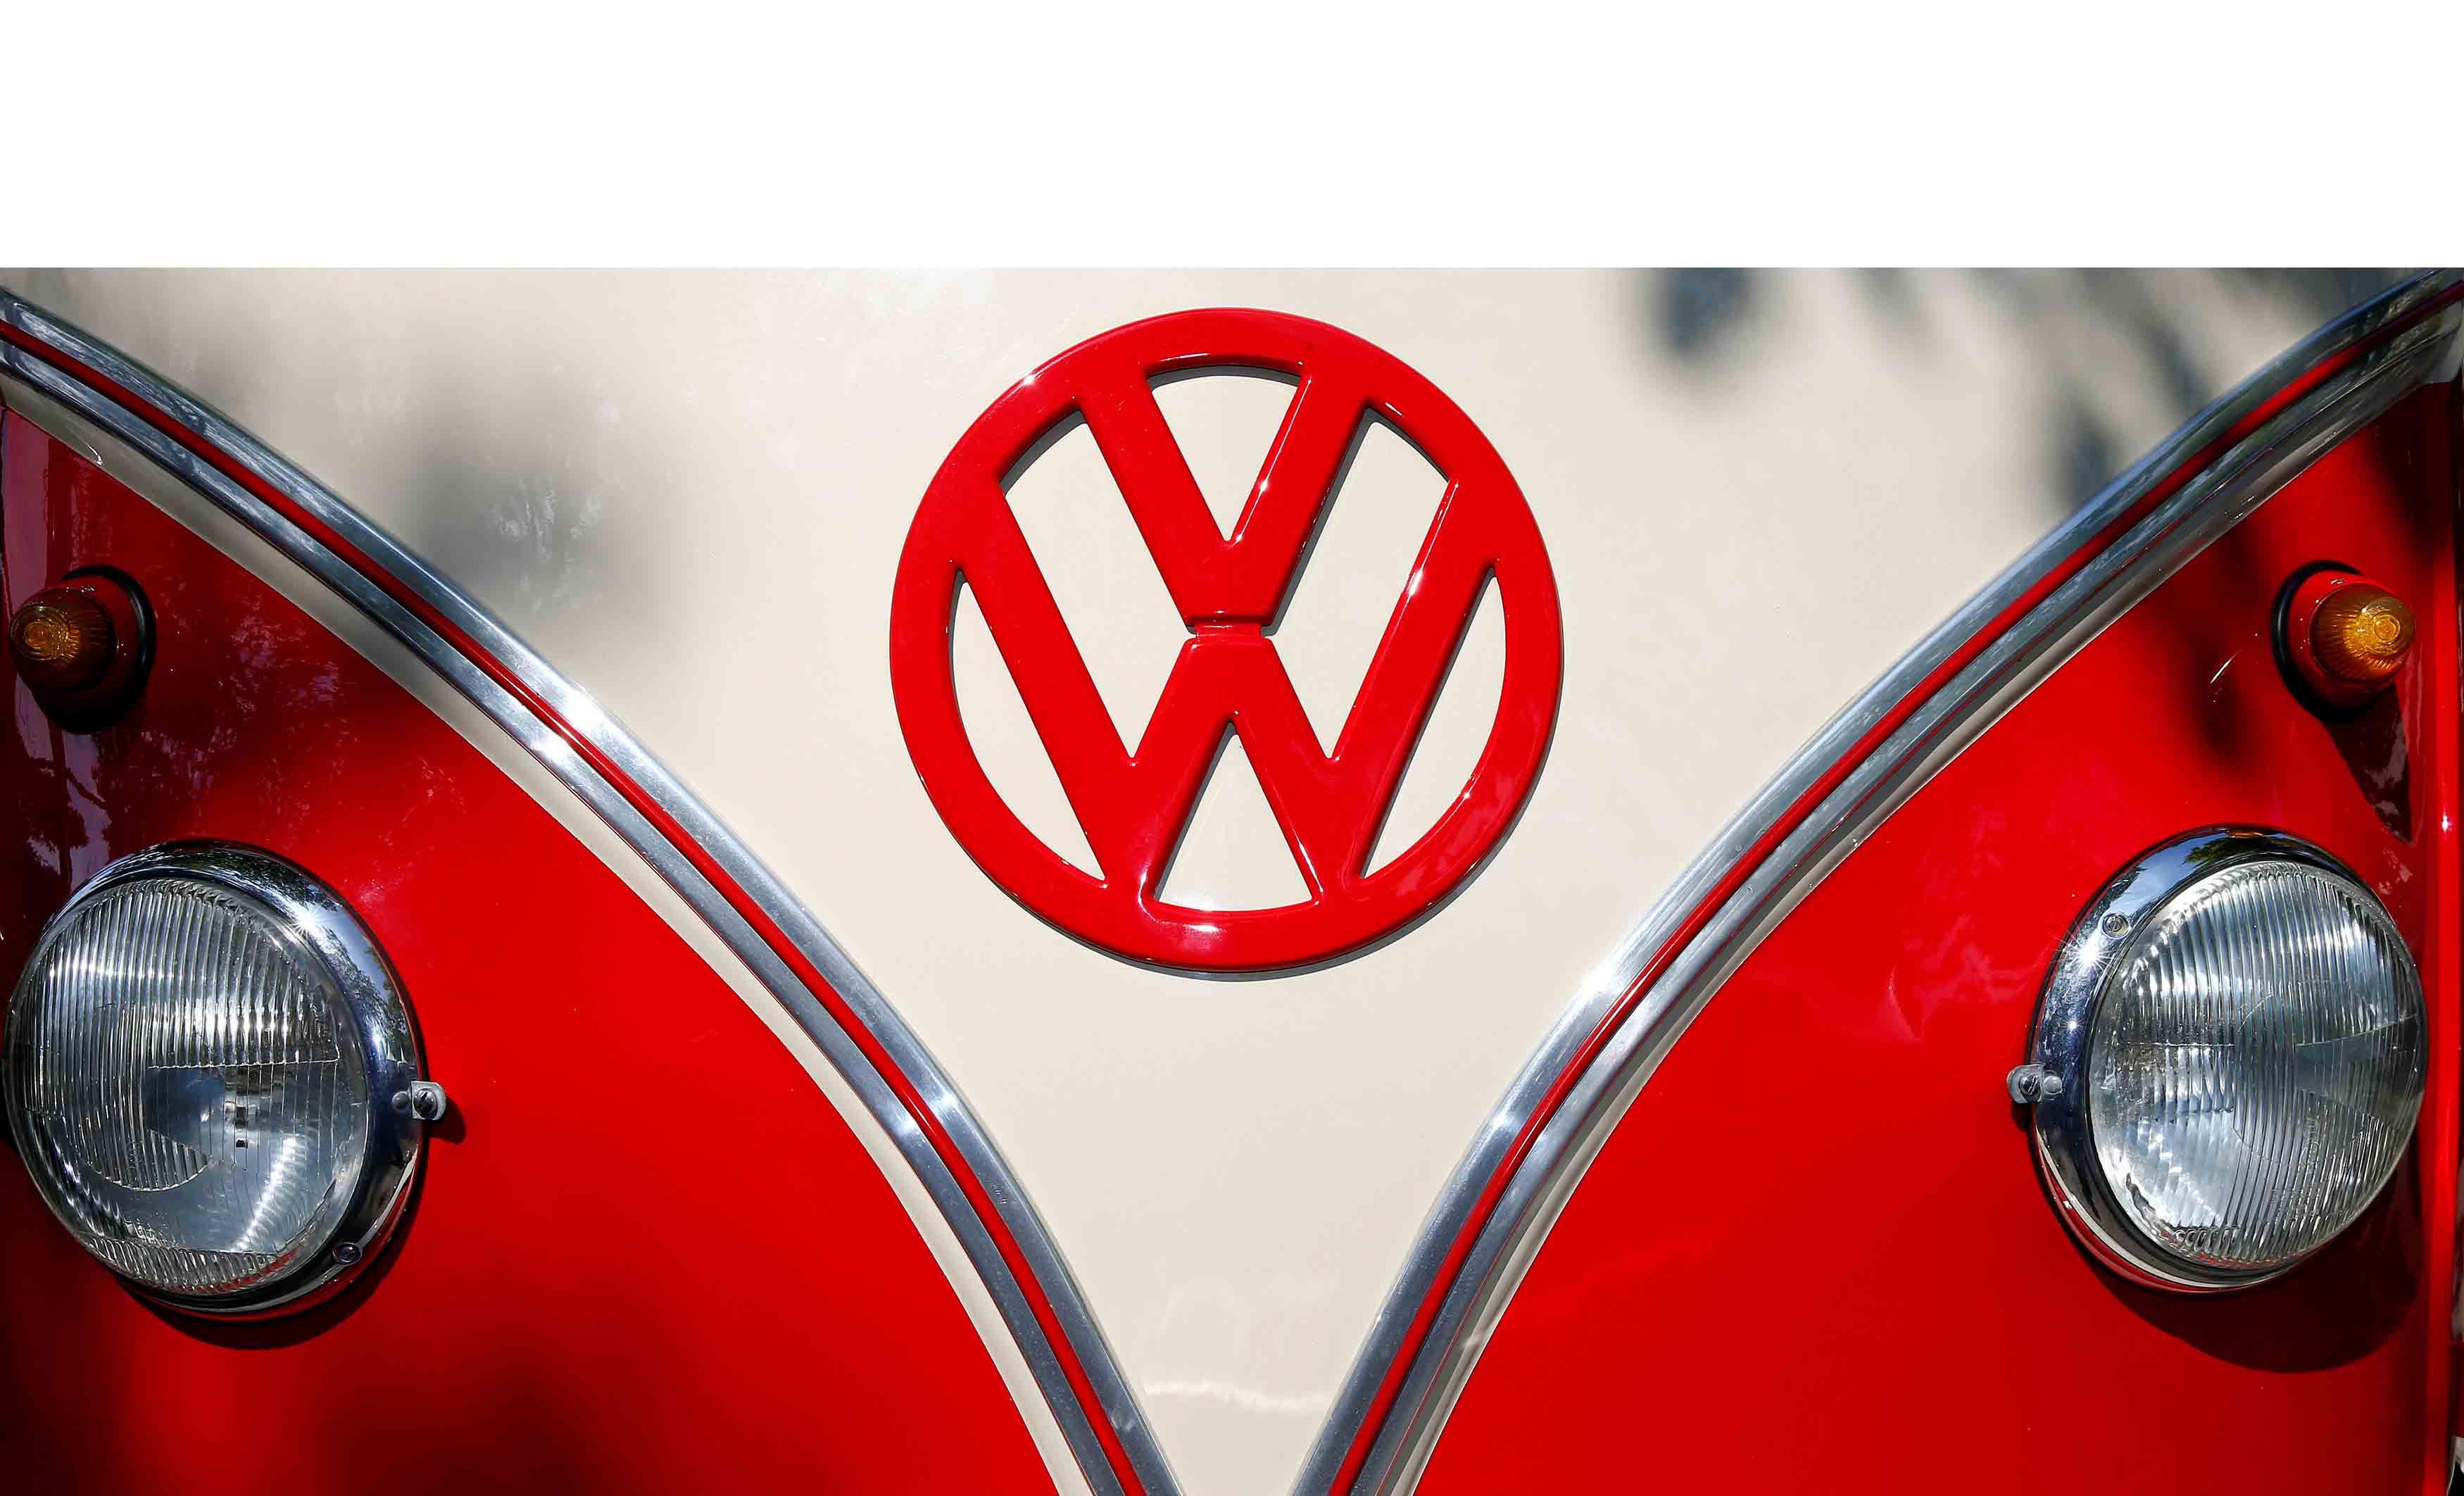 El gigante automotor incluirá mejoras en sus vehículos entre las que destacan mejor servicios y conducción autónoma